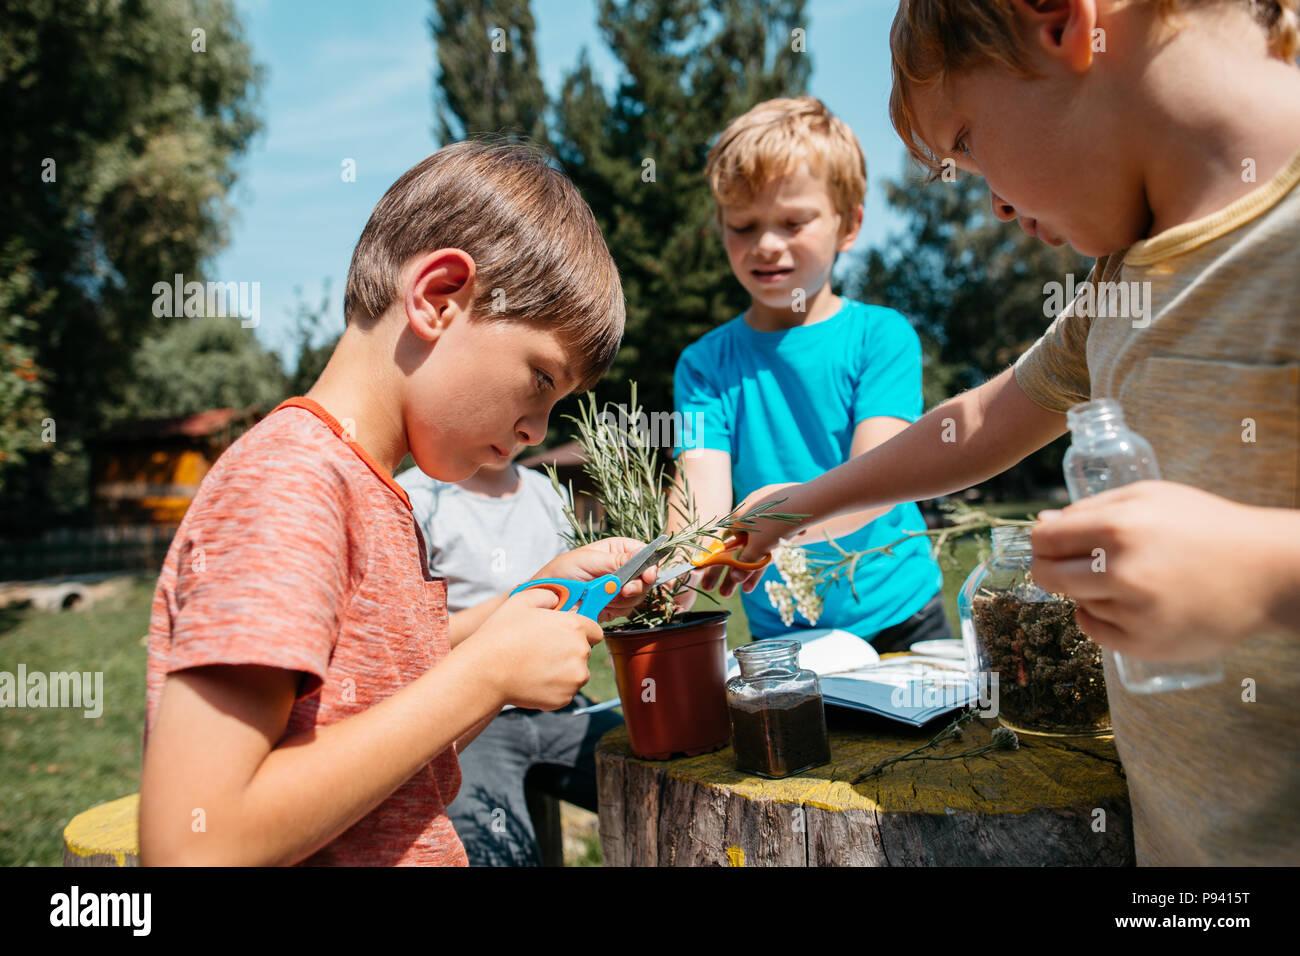 Studenti primari ad esplorare le erbe e le piante in un giardino della scuola. Bambini imparare insieme a una scienza naturale di classe. Immagini Stock